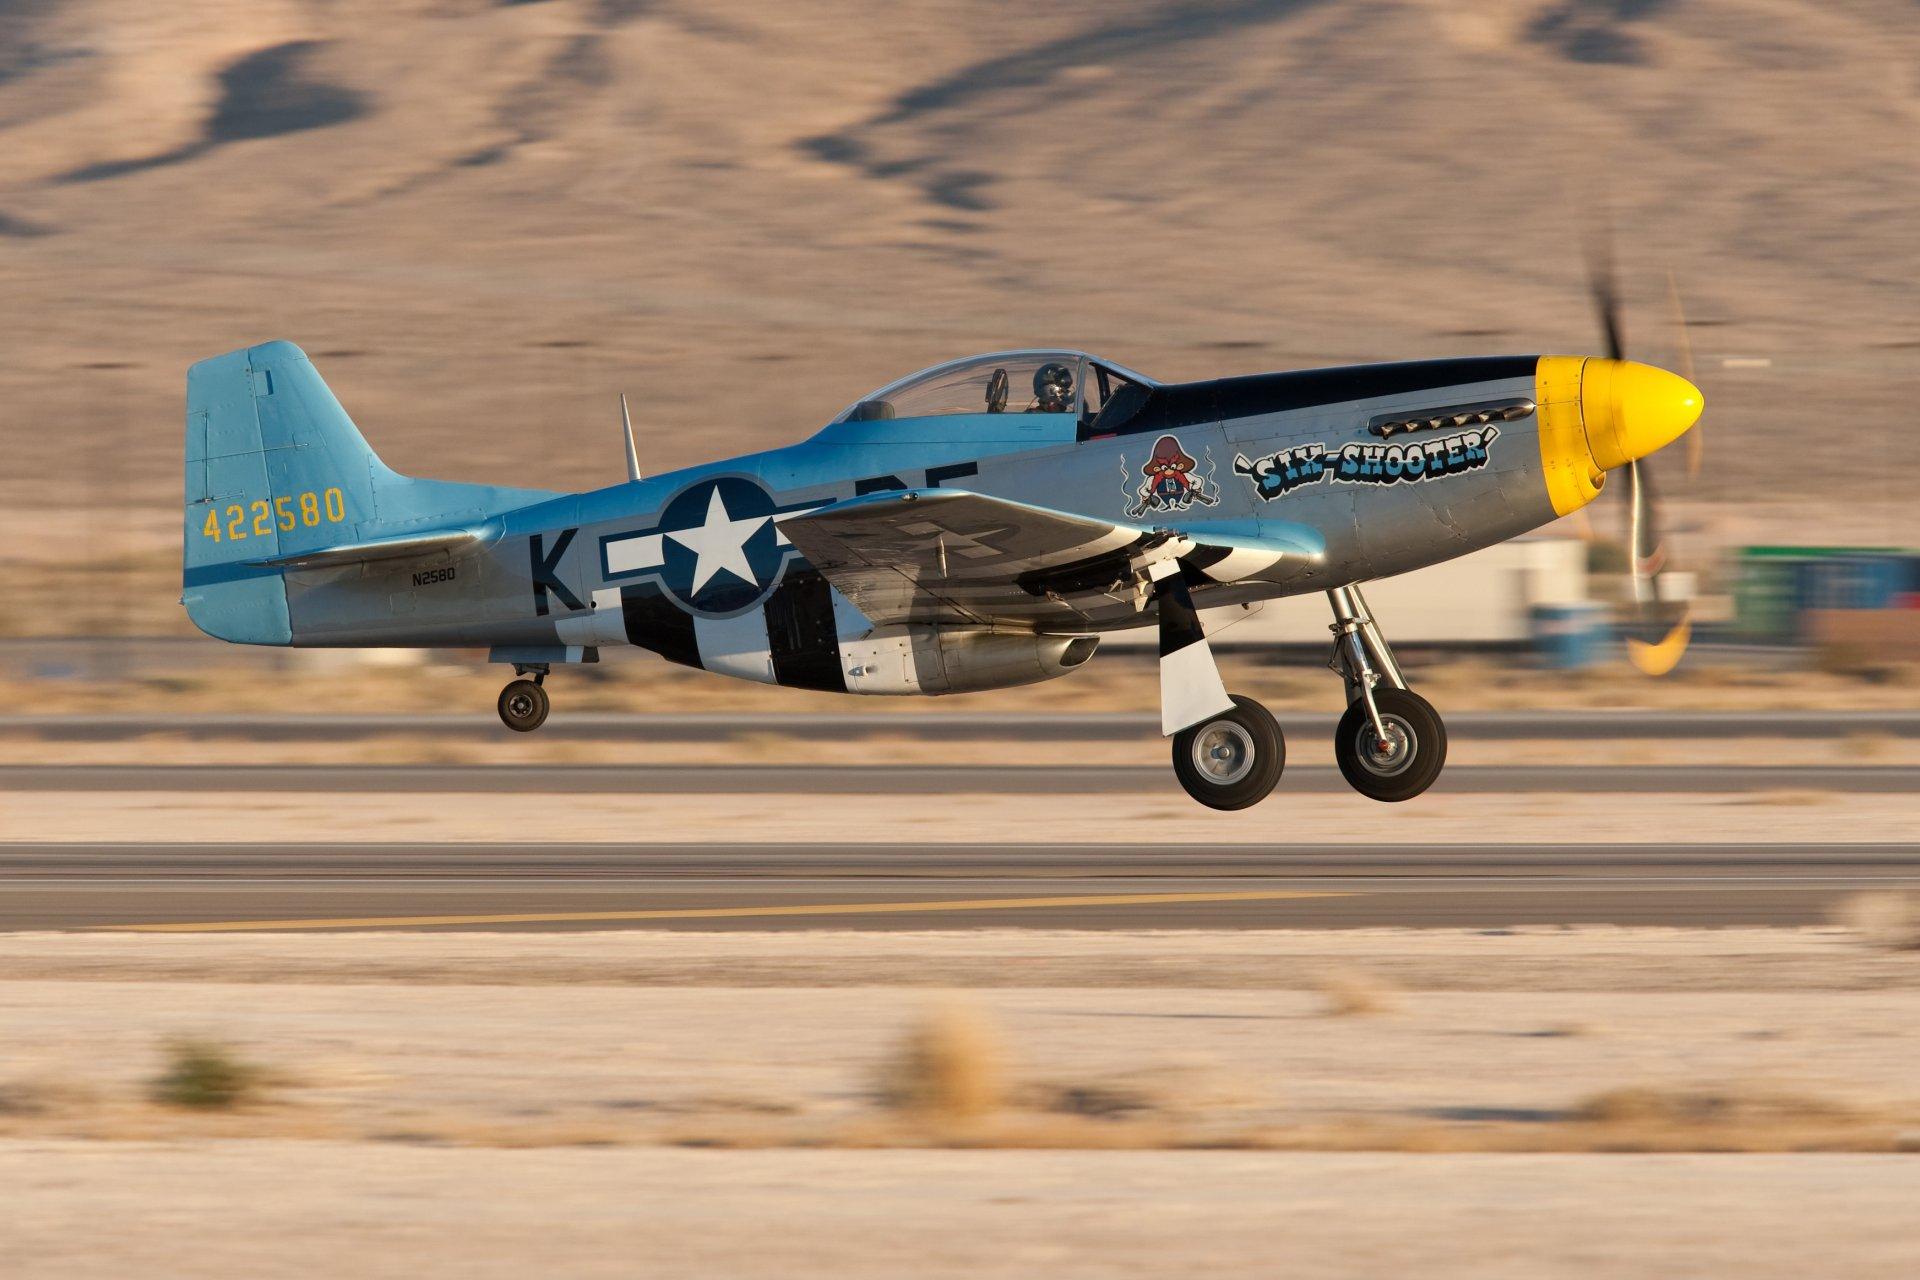 Обои дальний, одноместный, P-51c mustang, американский. Авиация foto 18